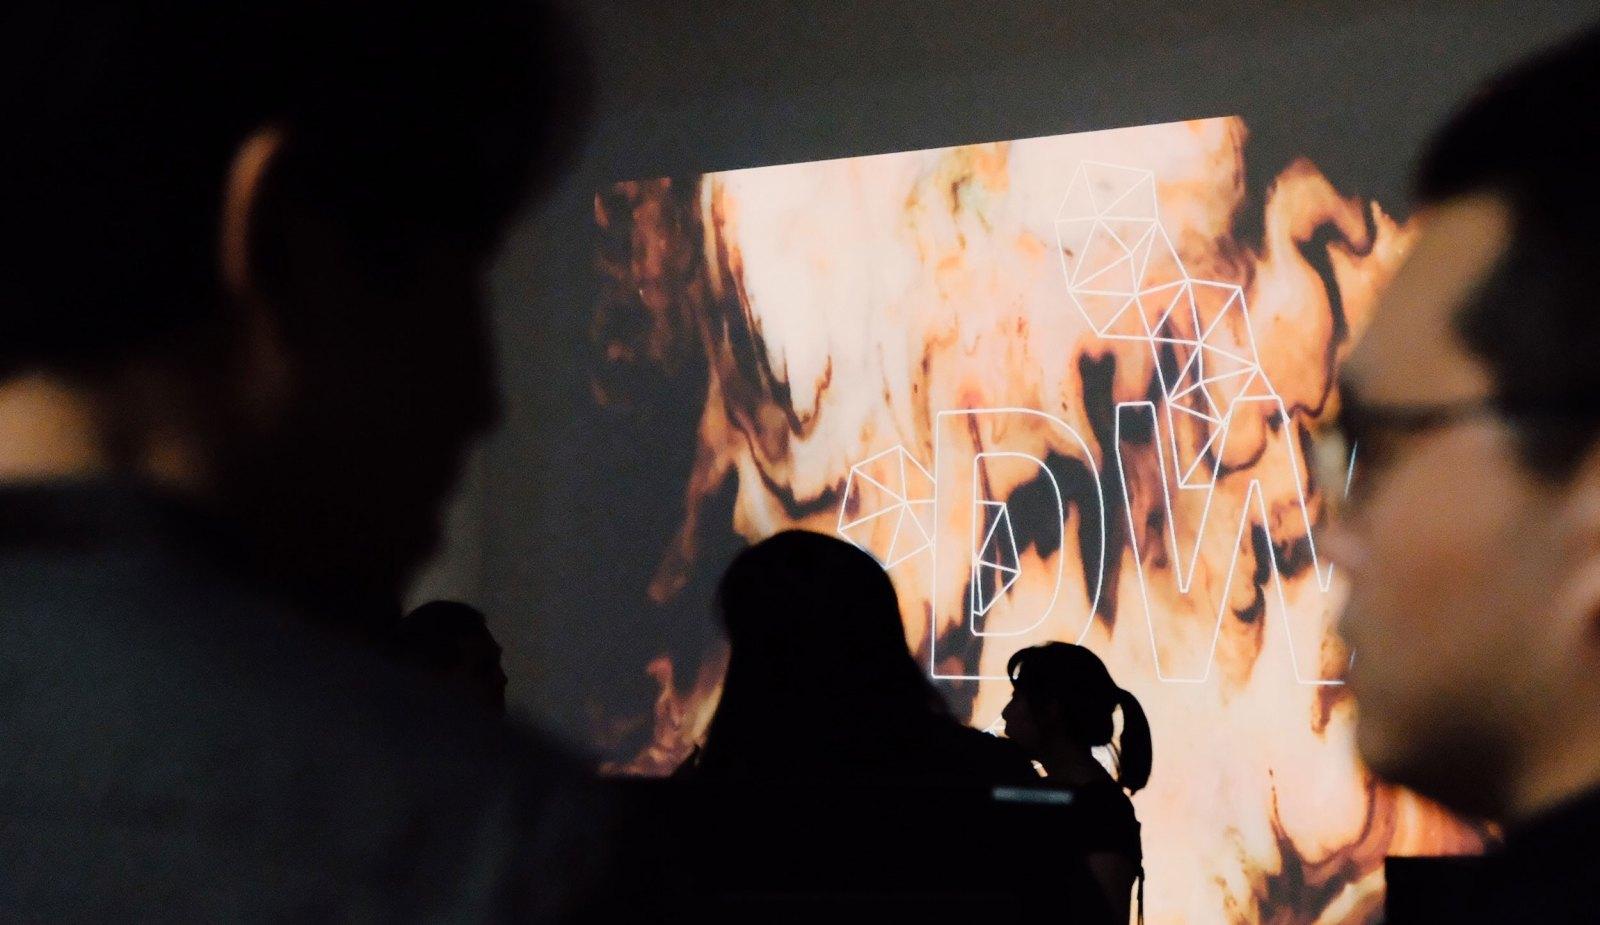 designworks event at shanghai studio